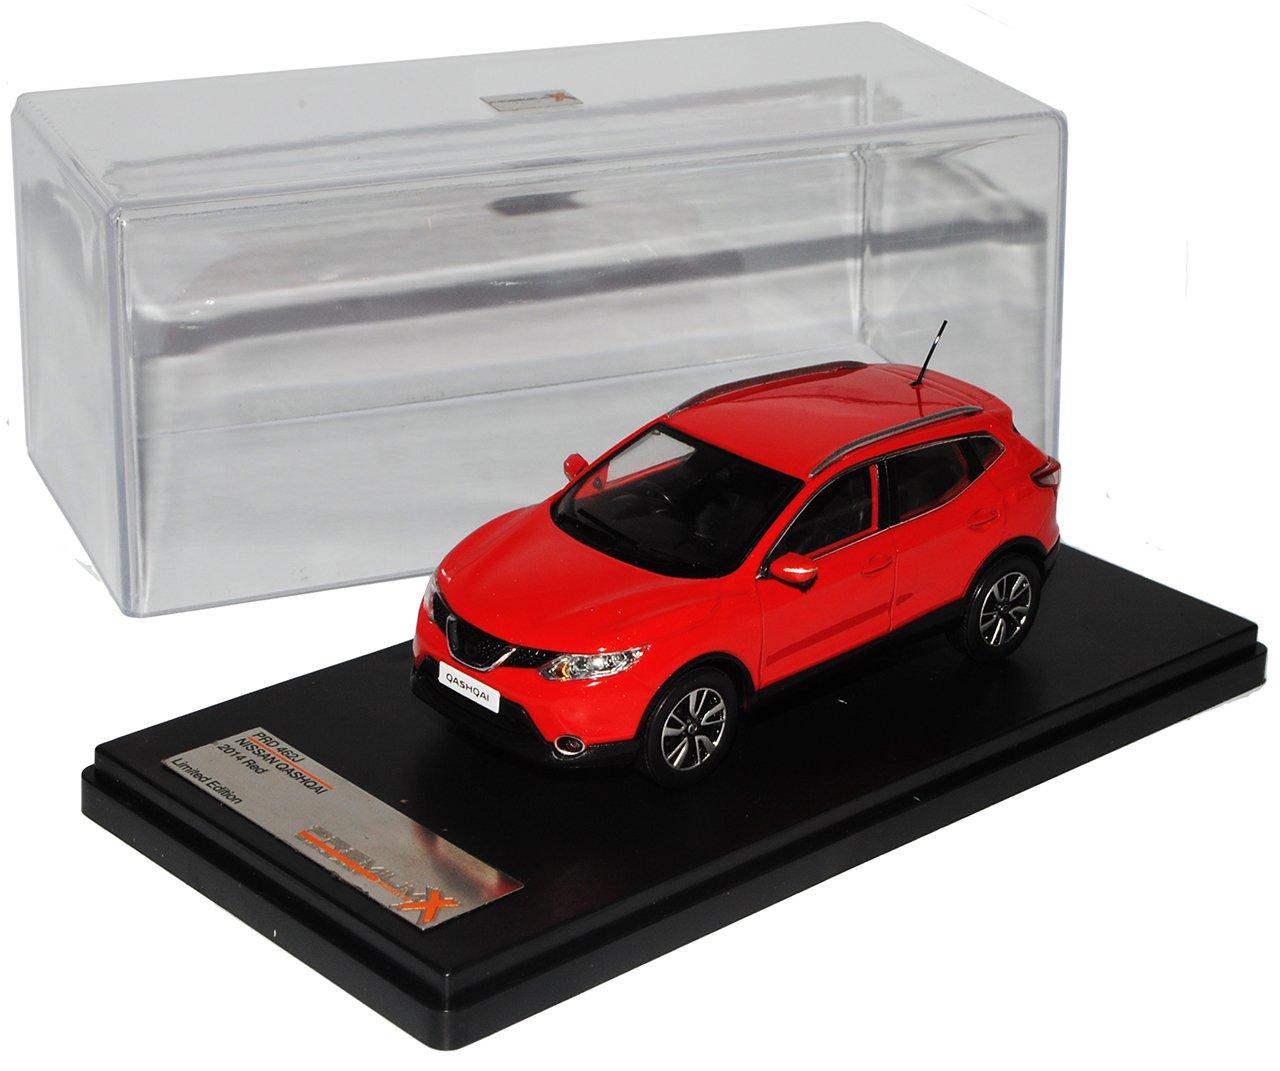 PremiumX Nissan Qashqai J11 SUV Generation Rot 2. Generation SUV Ab 2013 1/43 Modell Auto mit individiuellem Wunschkennzeichen 327cb3